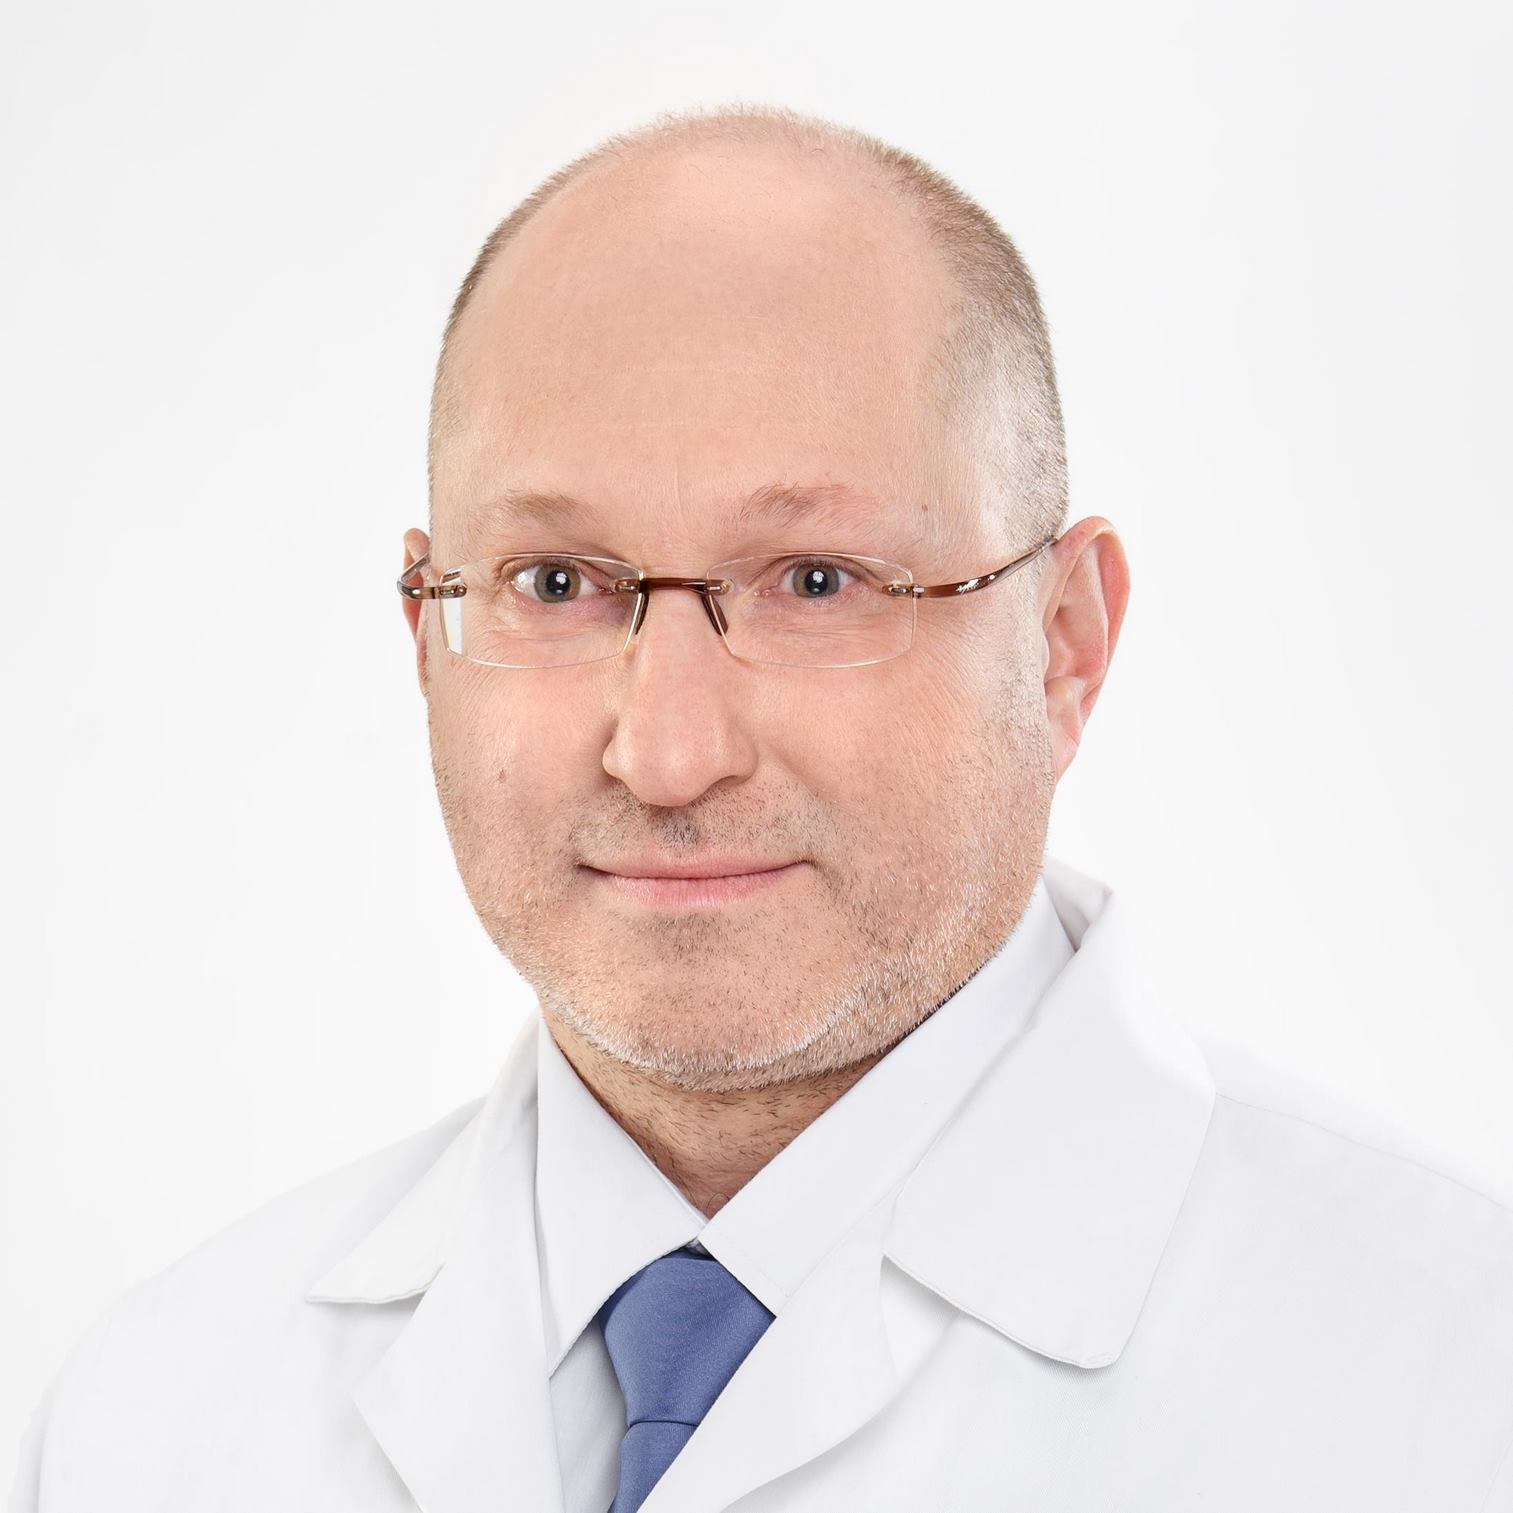 Oculomedica - Dr n. med. Grzegorz Czajkowski